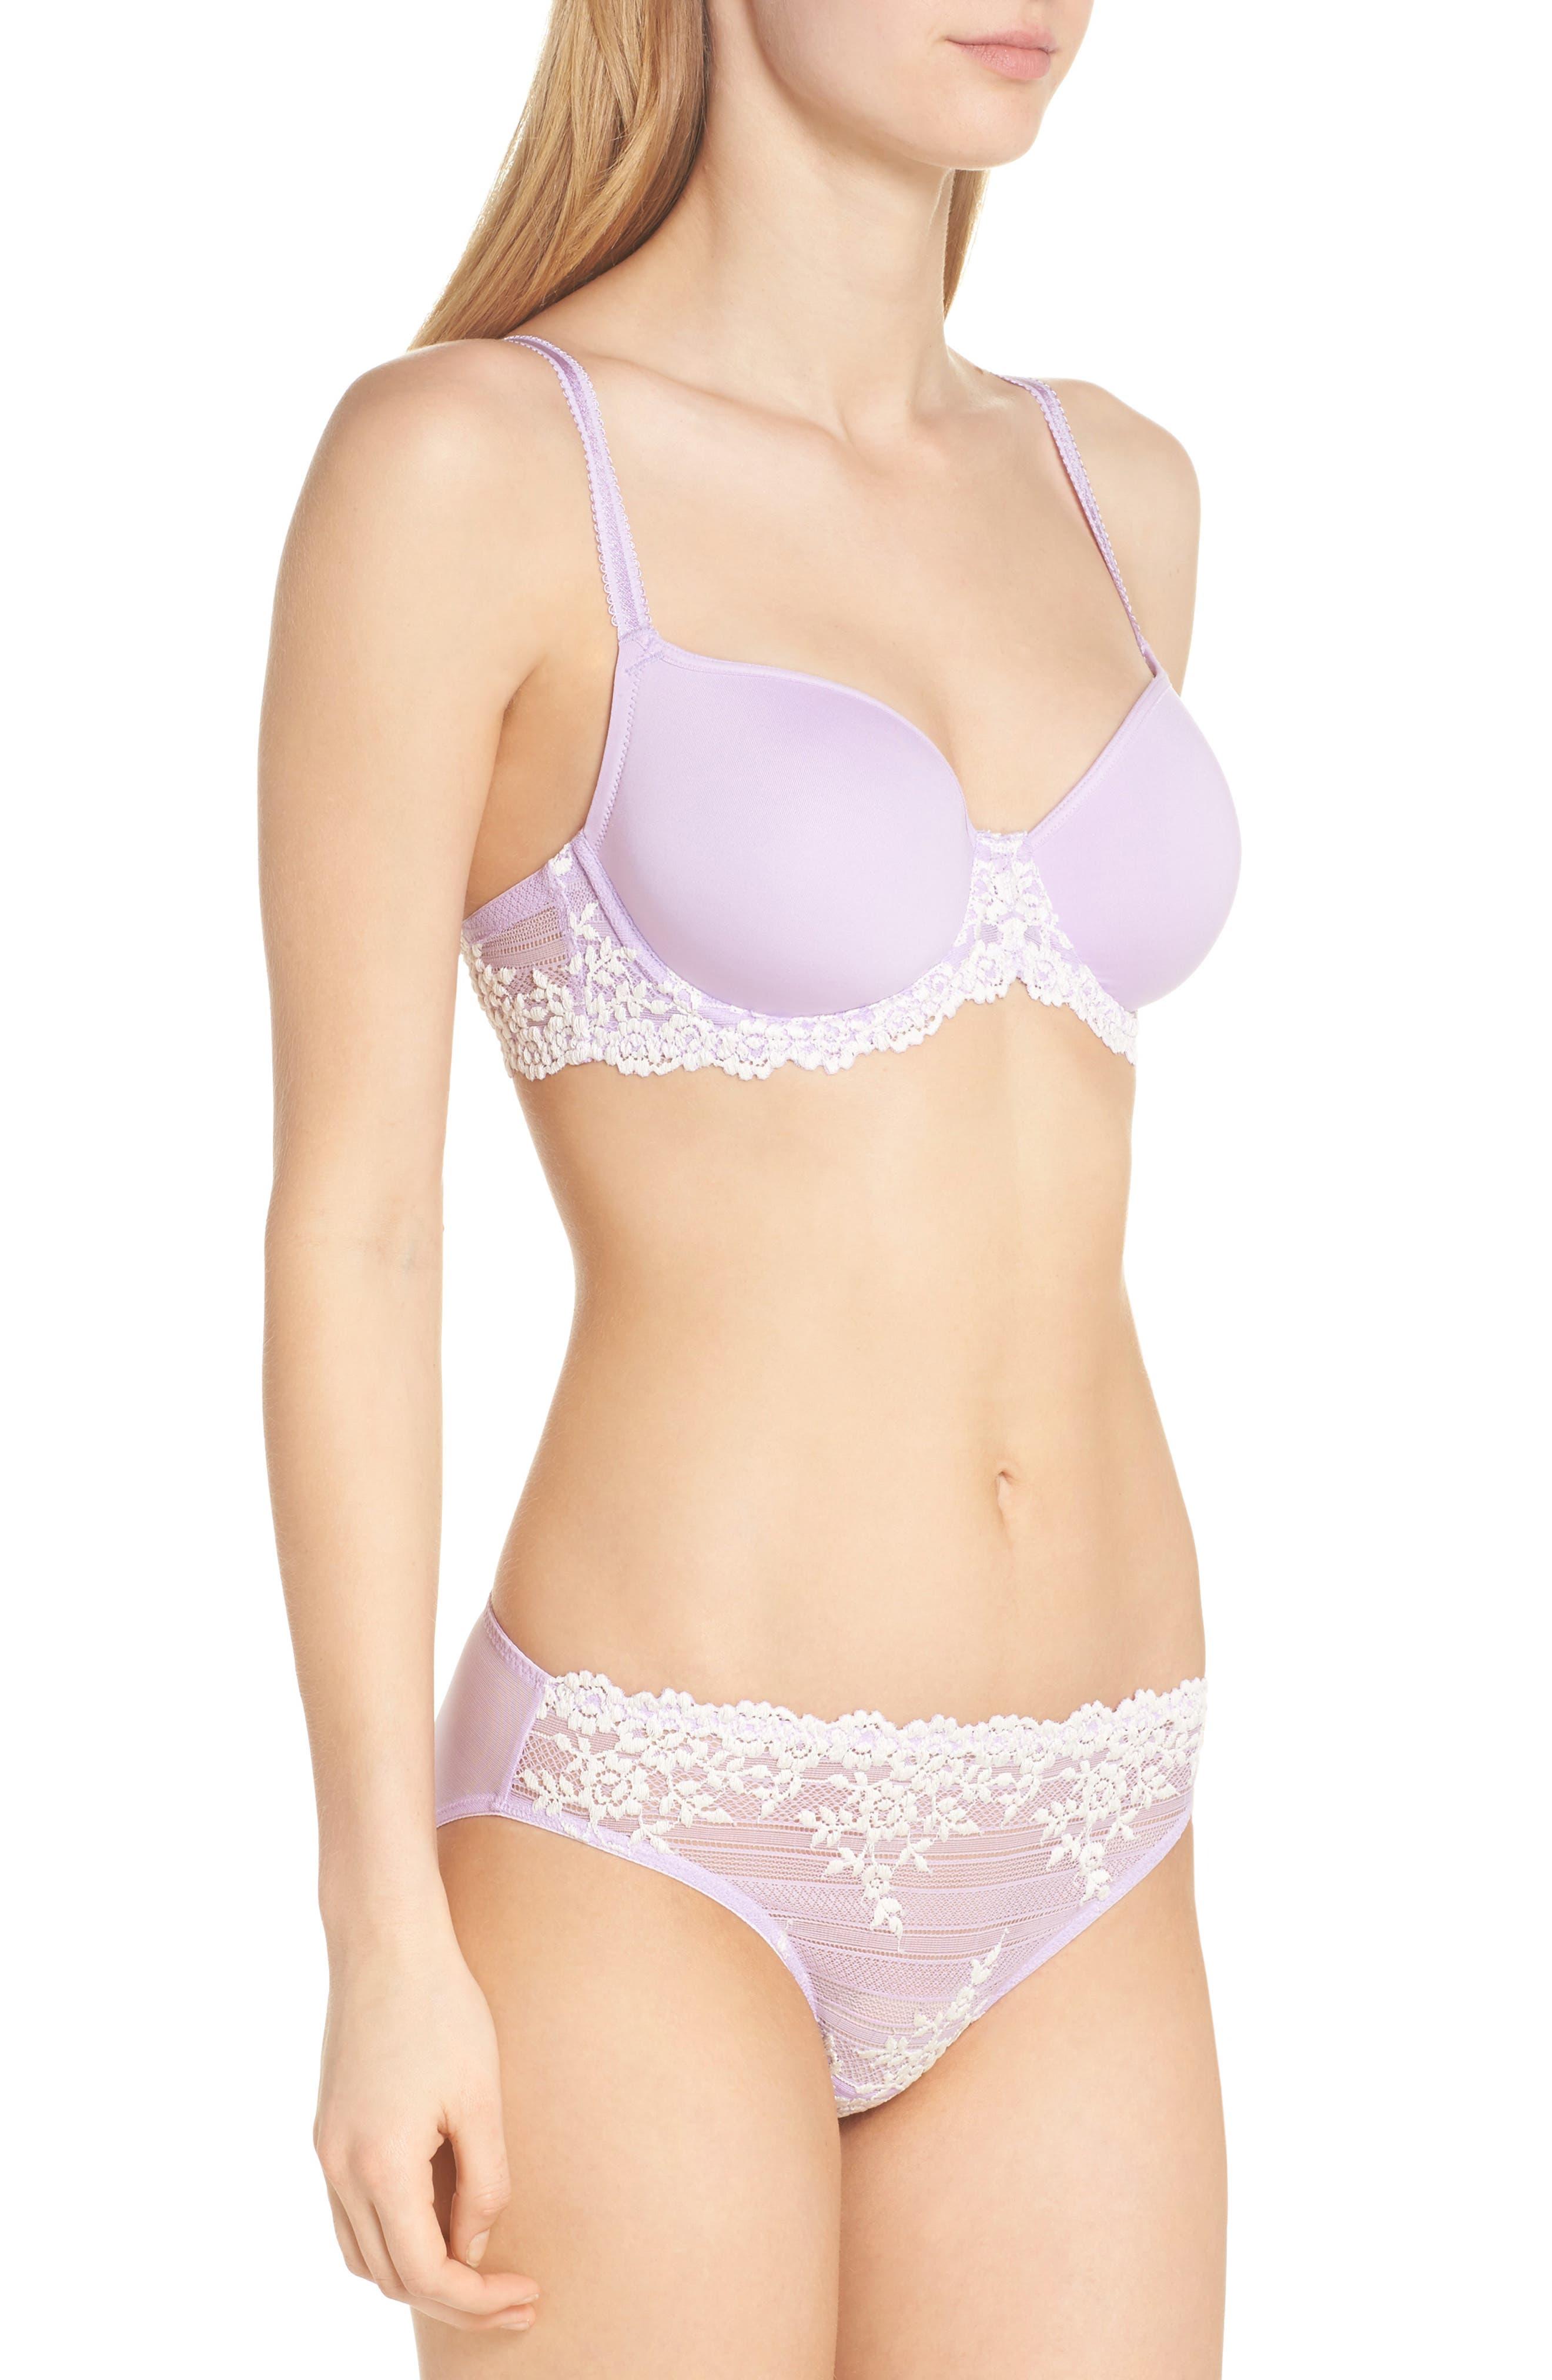 'Embrace' Lace Bikini,                             Alternate thumbnail 6, color,                             Lavender